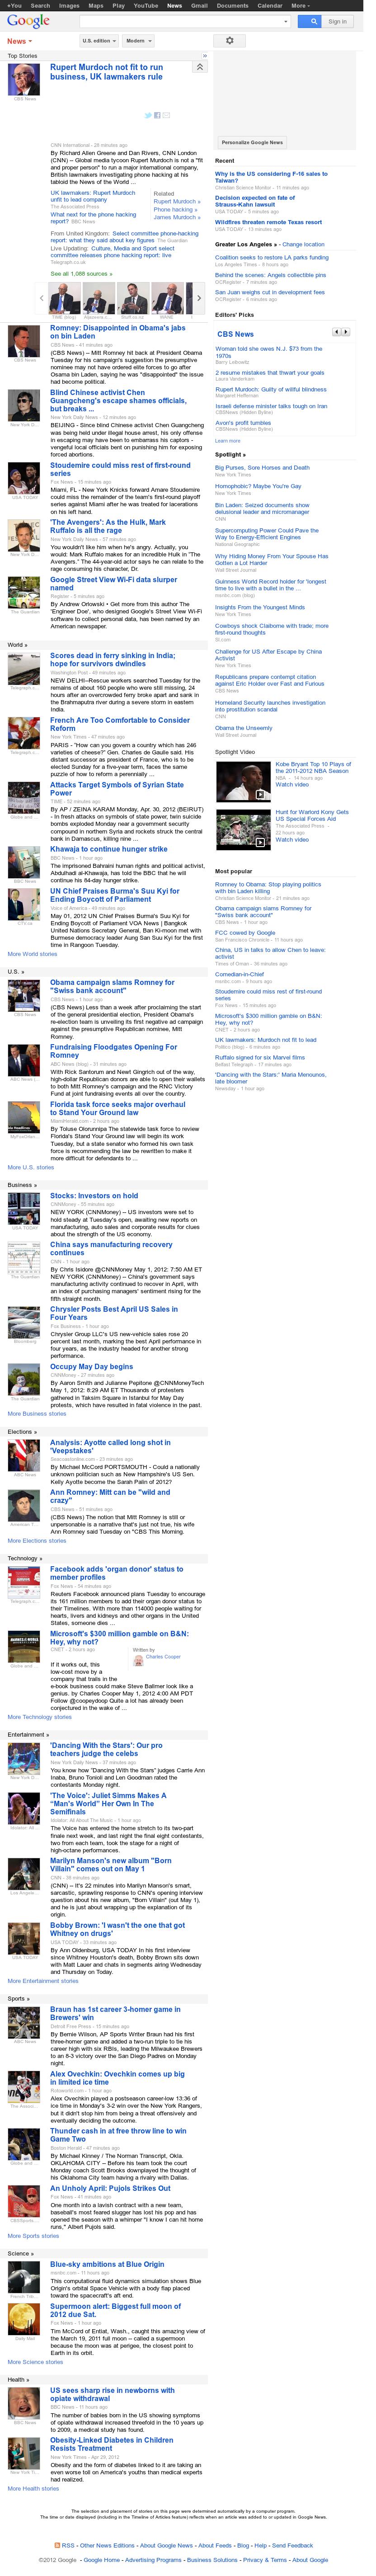 Google News at Tuesday May 1, 2012, 1:08 p.m. UTC